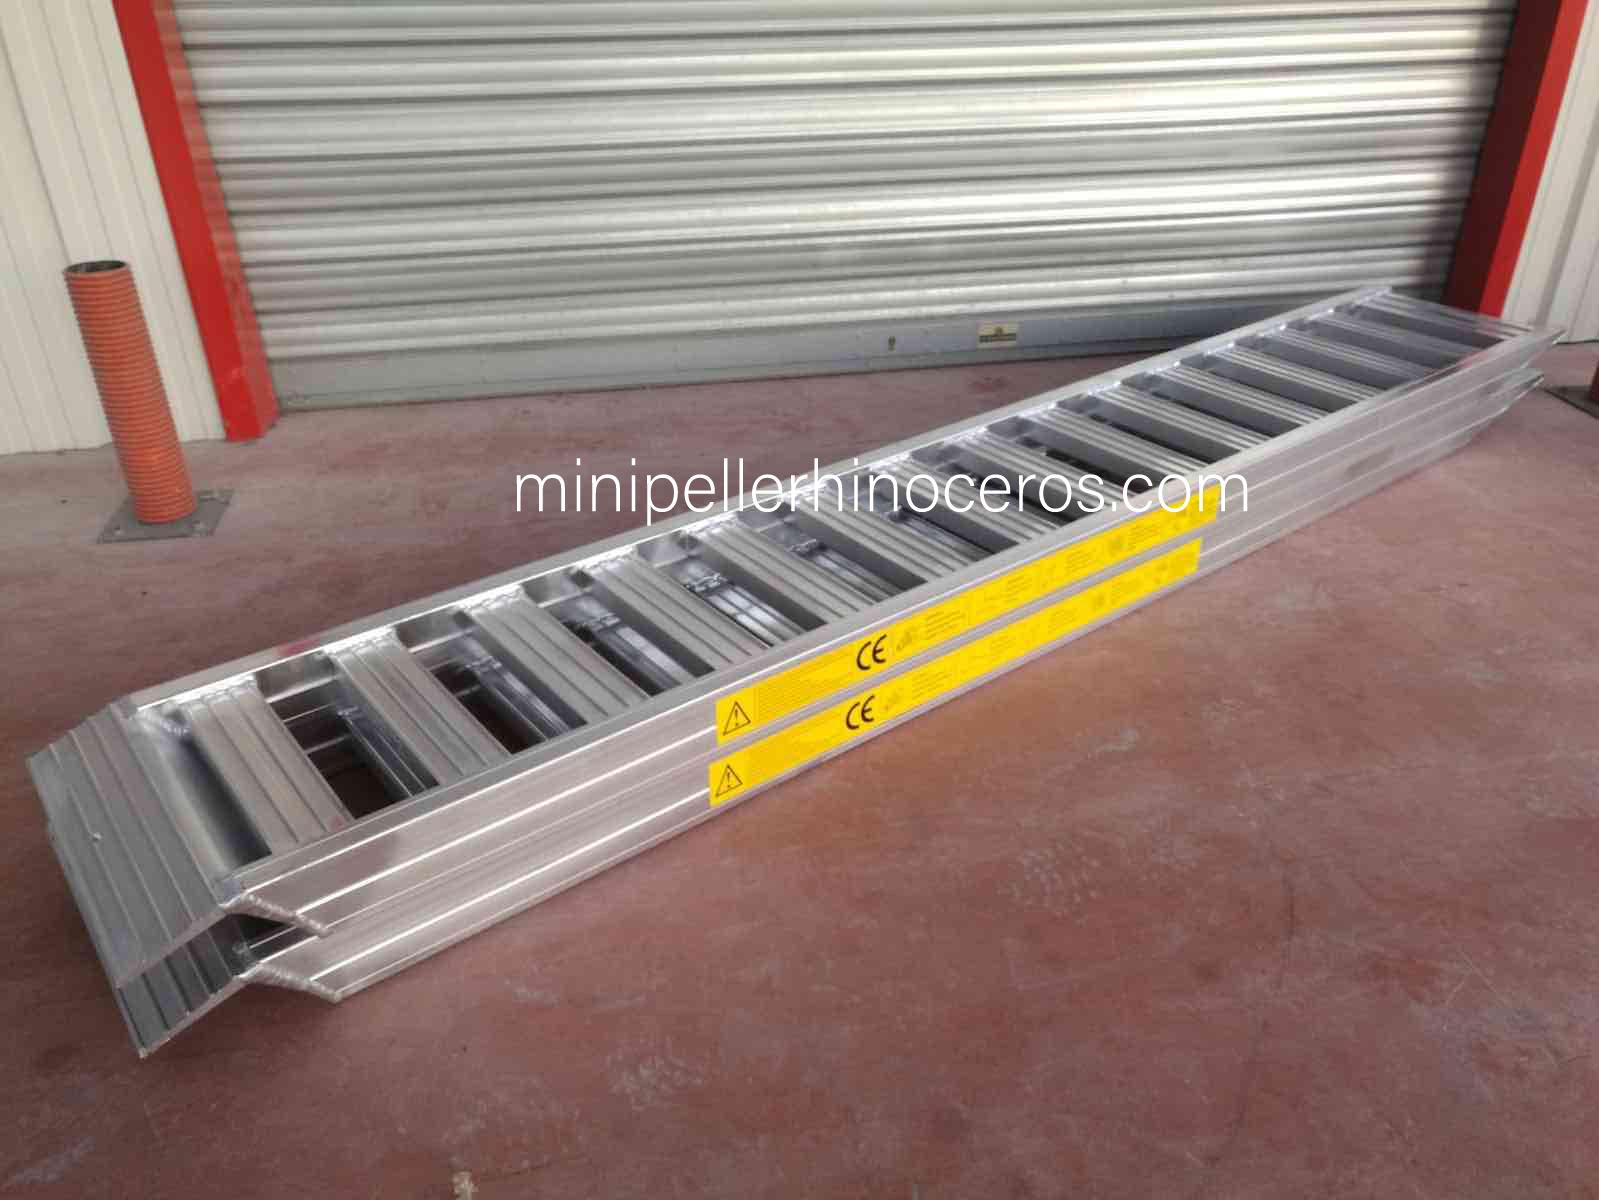 Rampa de aluminio de alta resistencia